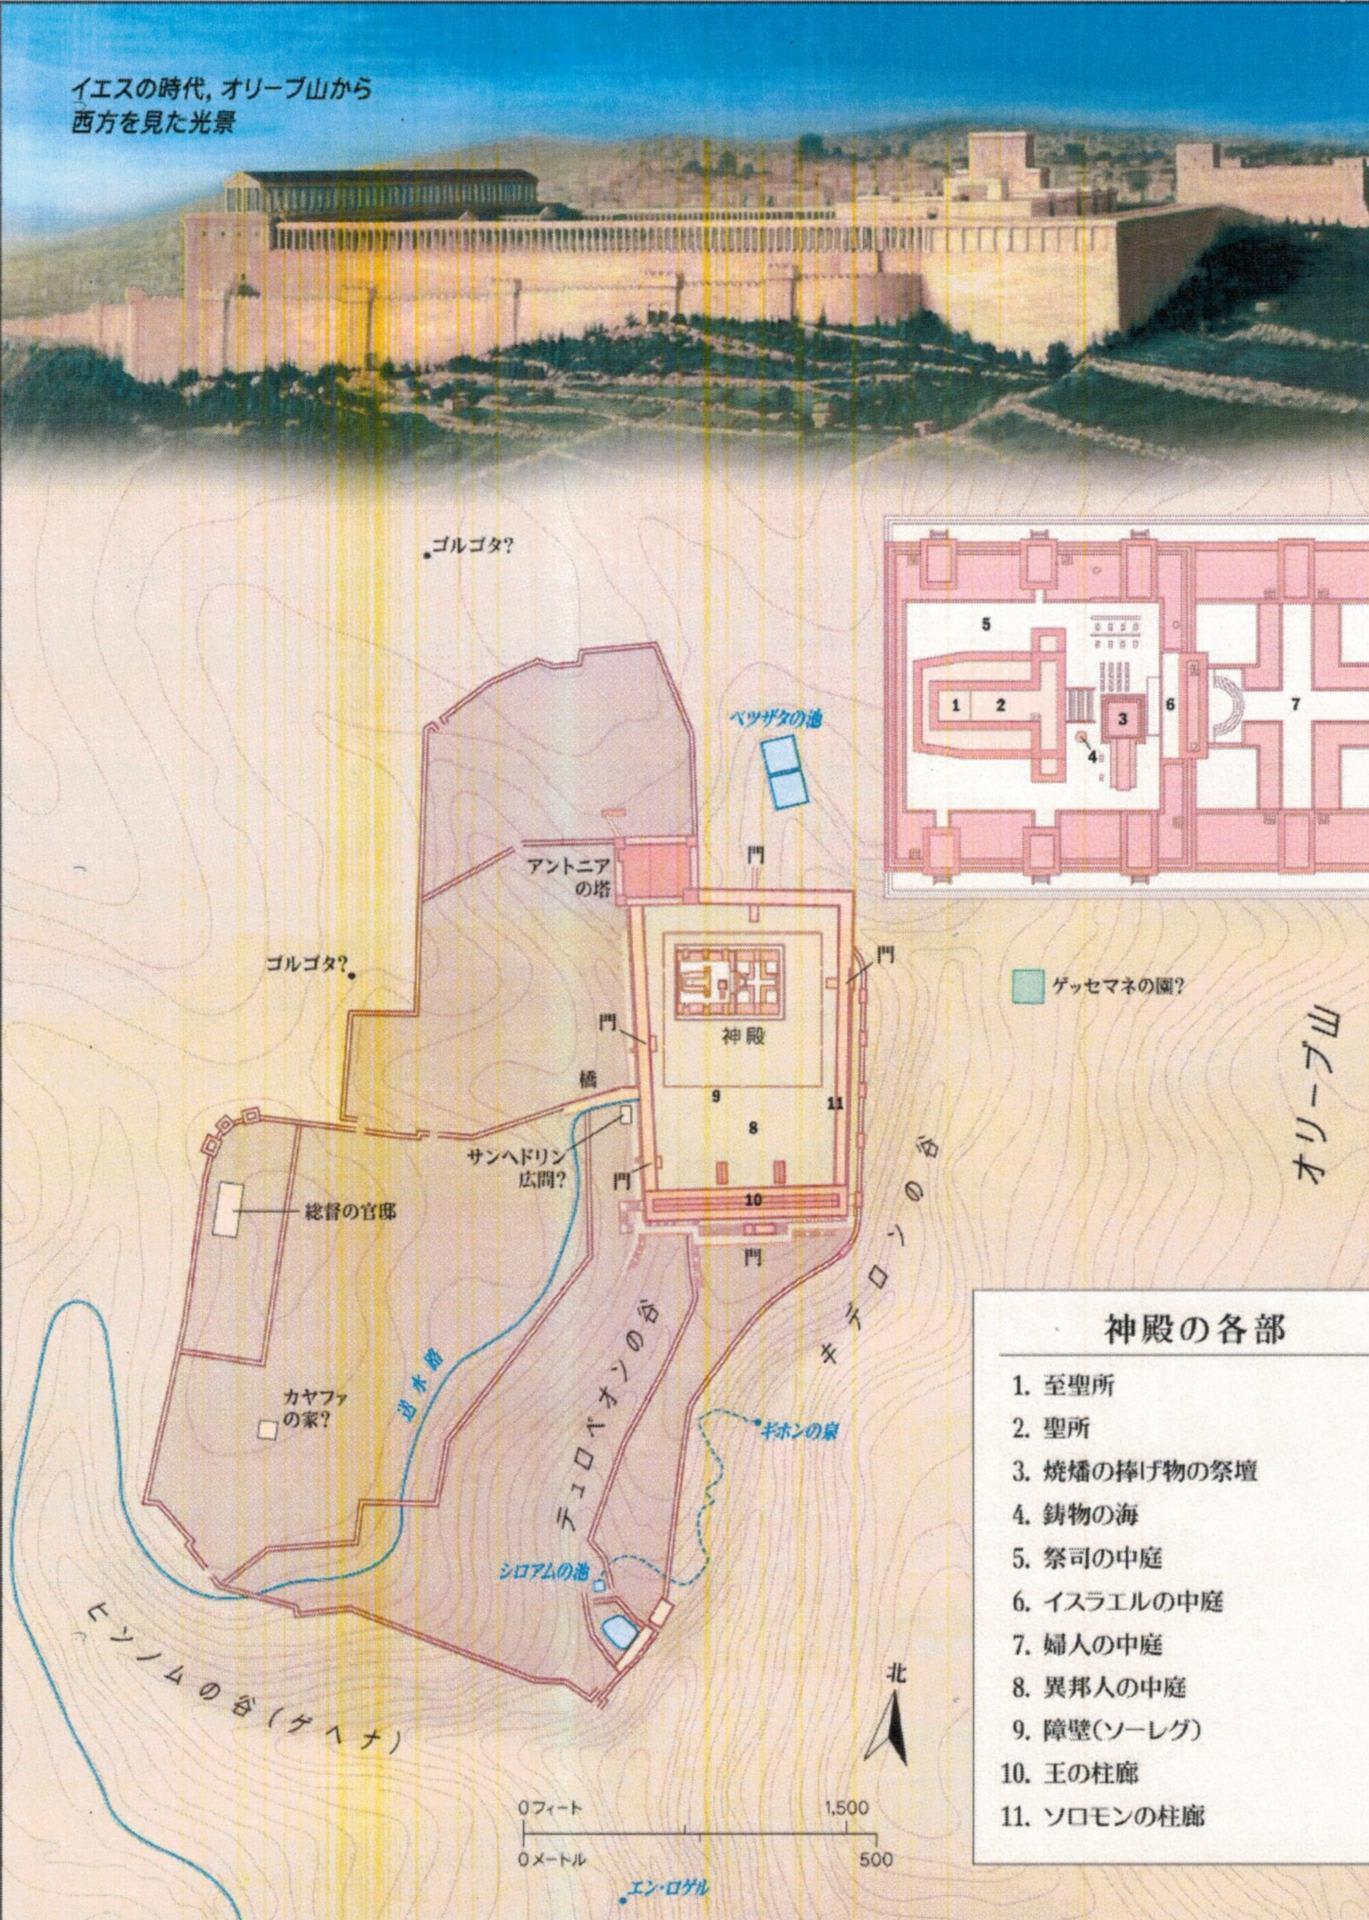 新しい神殿」 マタイによる福音書21章12~16節 - 日本福音教団 ...